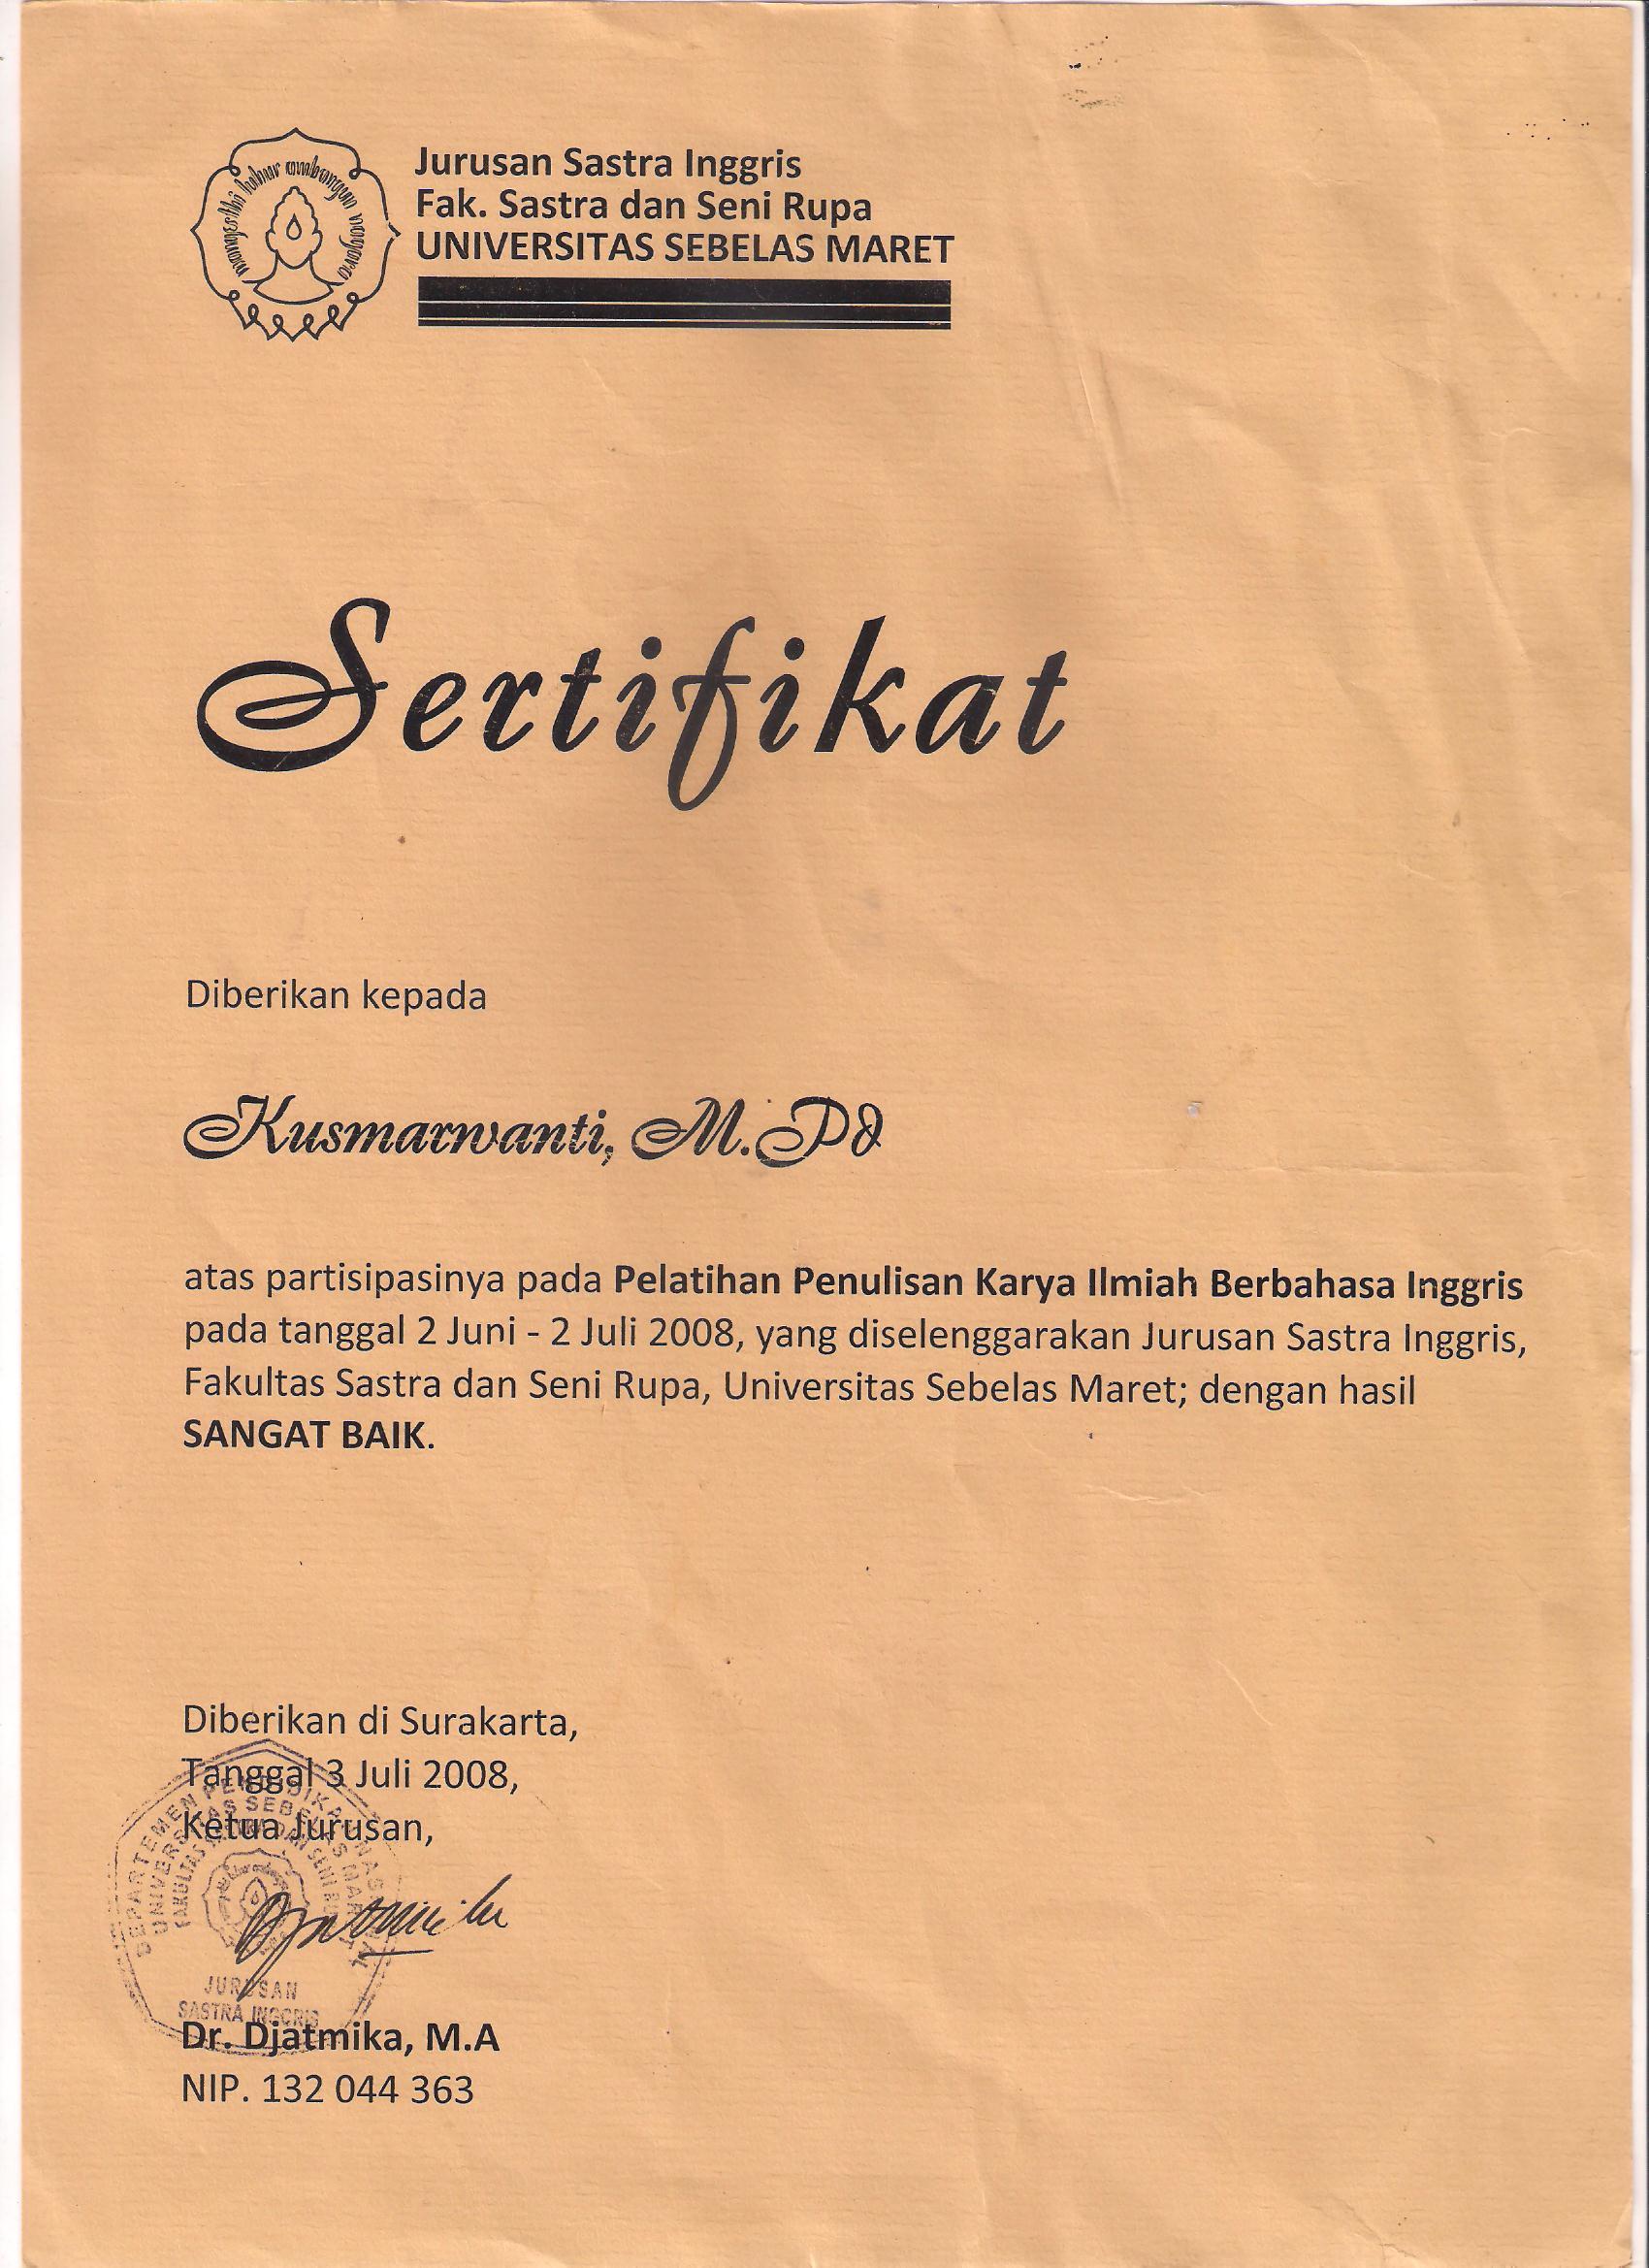 contoh judul thesis s2 bahasa inggris Judul tesis (pb/s2) bahasa inggris dengan keterampilan menulis surat bisnis dalam bahasa inggris mahasiswa akademi sekretari dan manajemen sriwijaya palembang.